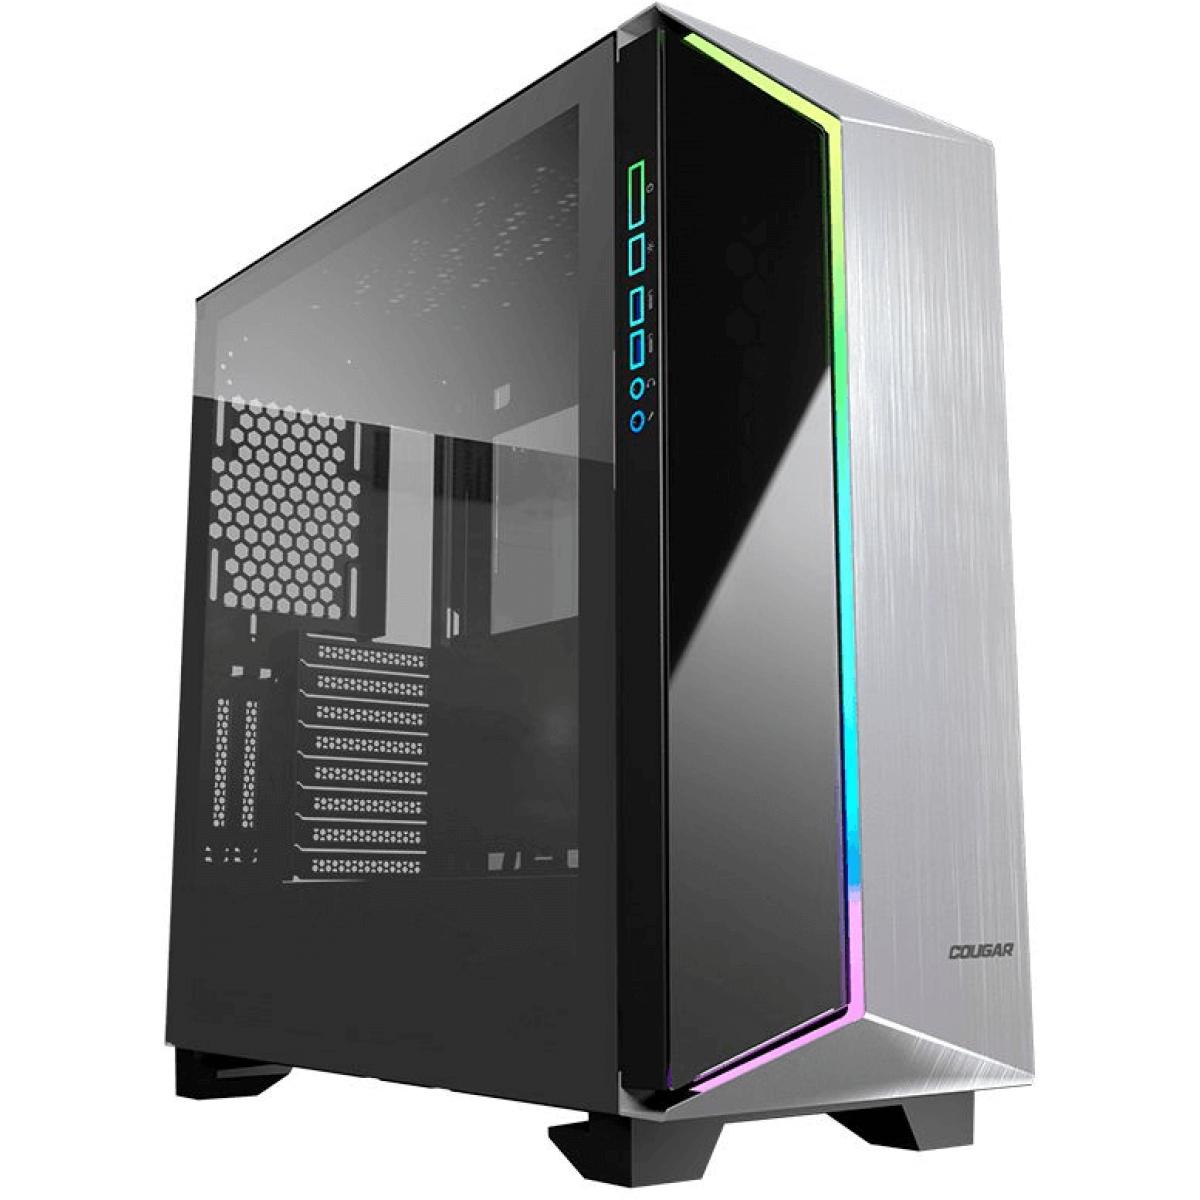 Gabinete Gamer Cougar Dark Blader G RGB, Full Tower, Vidro Temperado, Black, Sem Fonte, Com 1 Fan